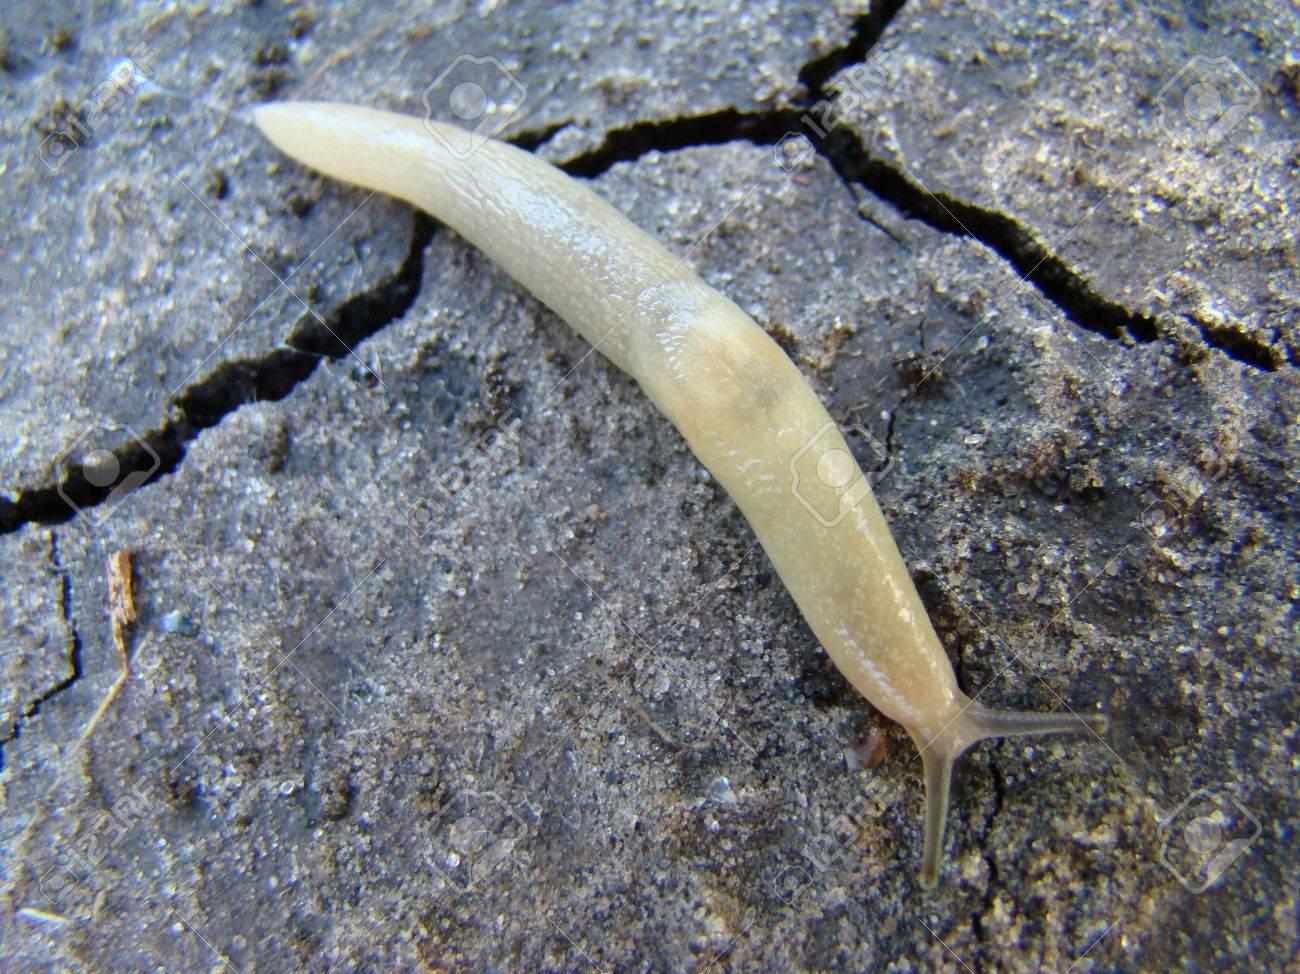 slug eating a strawberry a pest of gardens gastropod mollusk stock